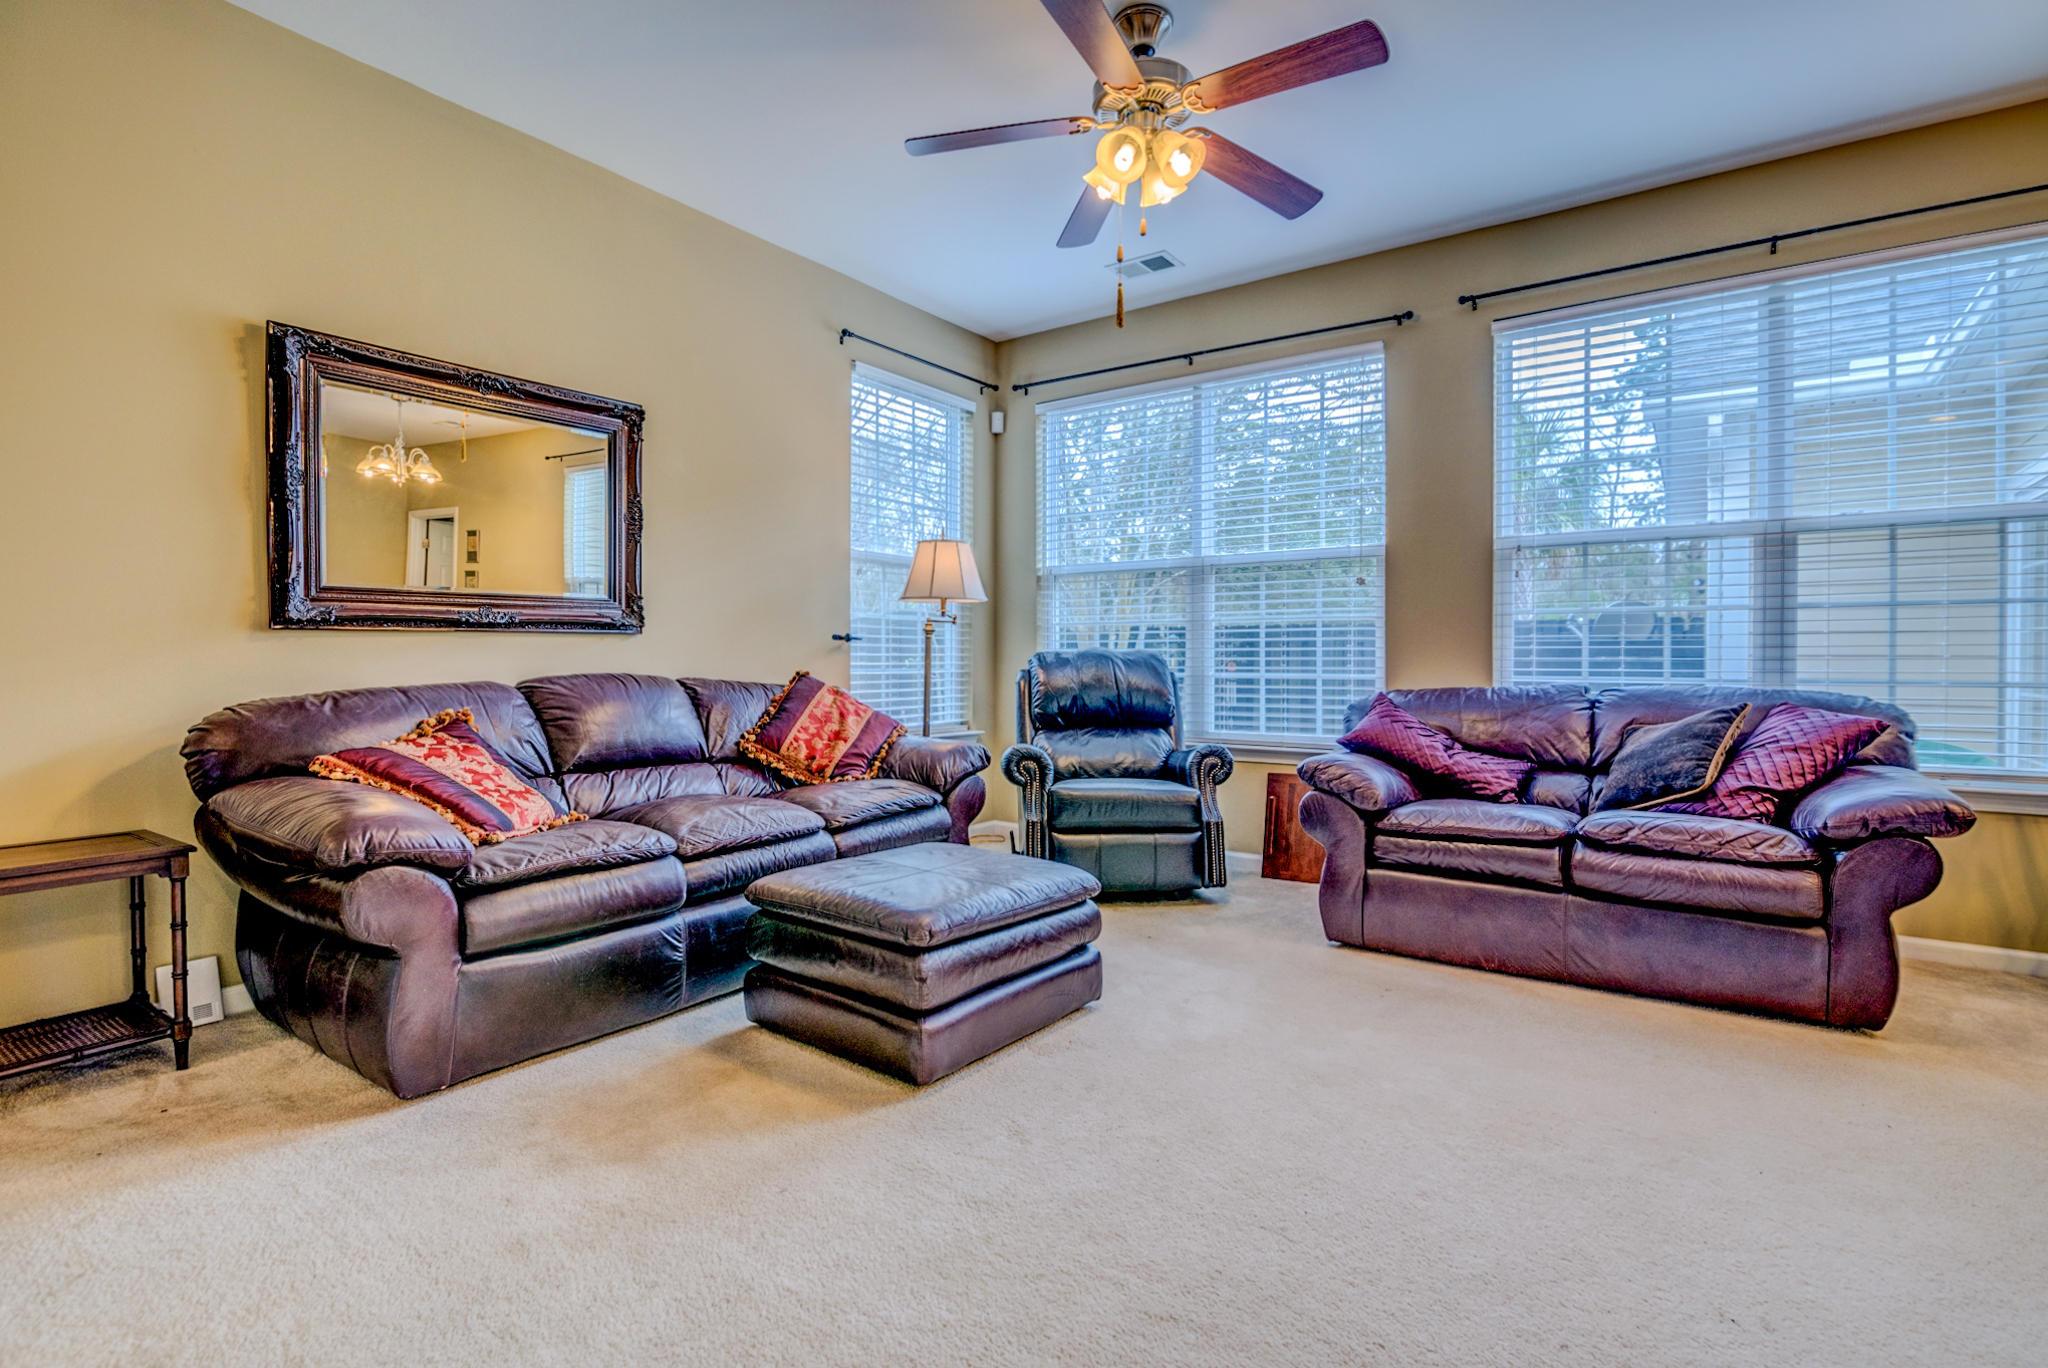 Park West Homes For Sale - 3001 Parkwest, Mount Pleasant, SC - 19